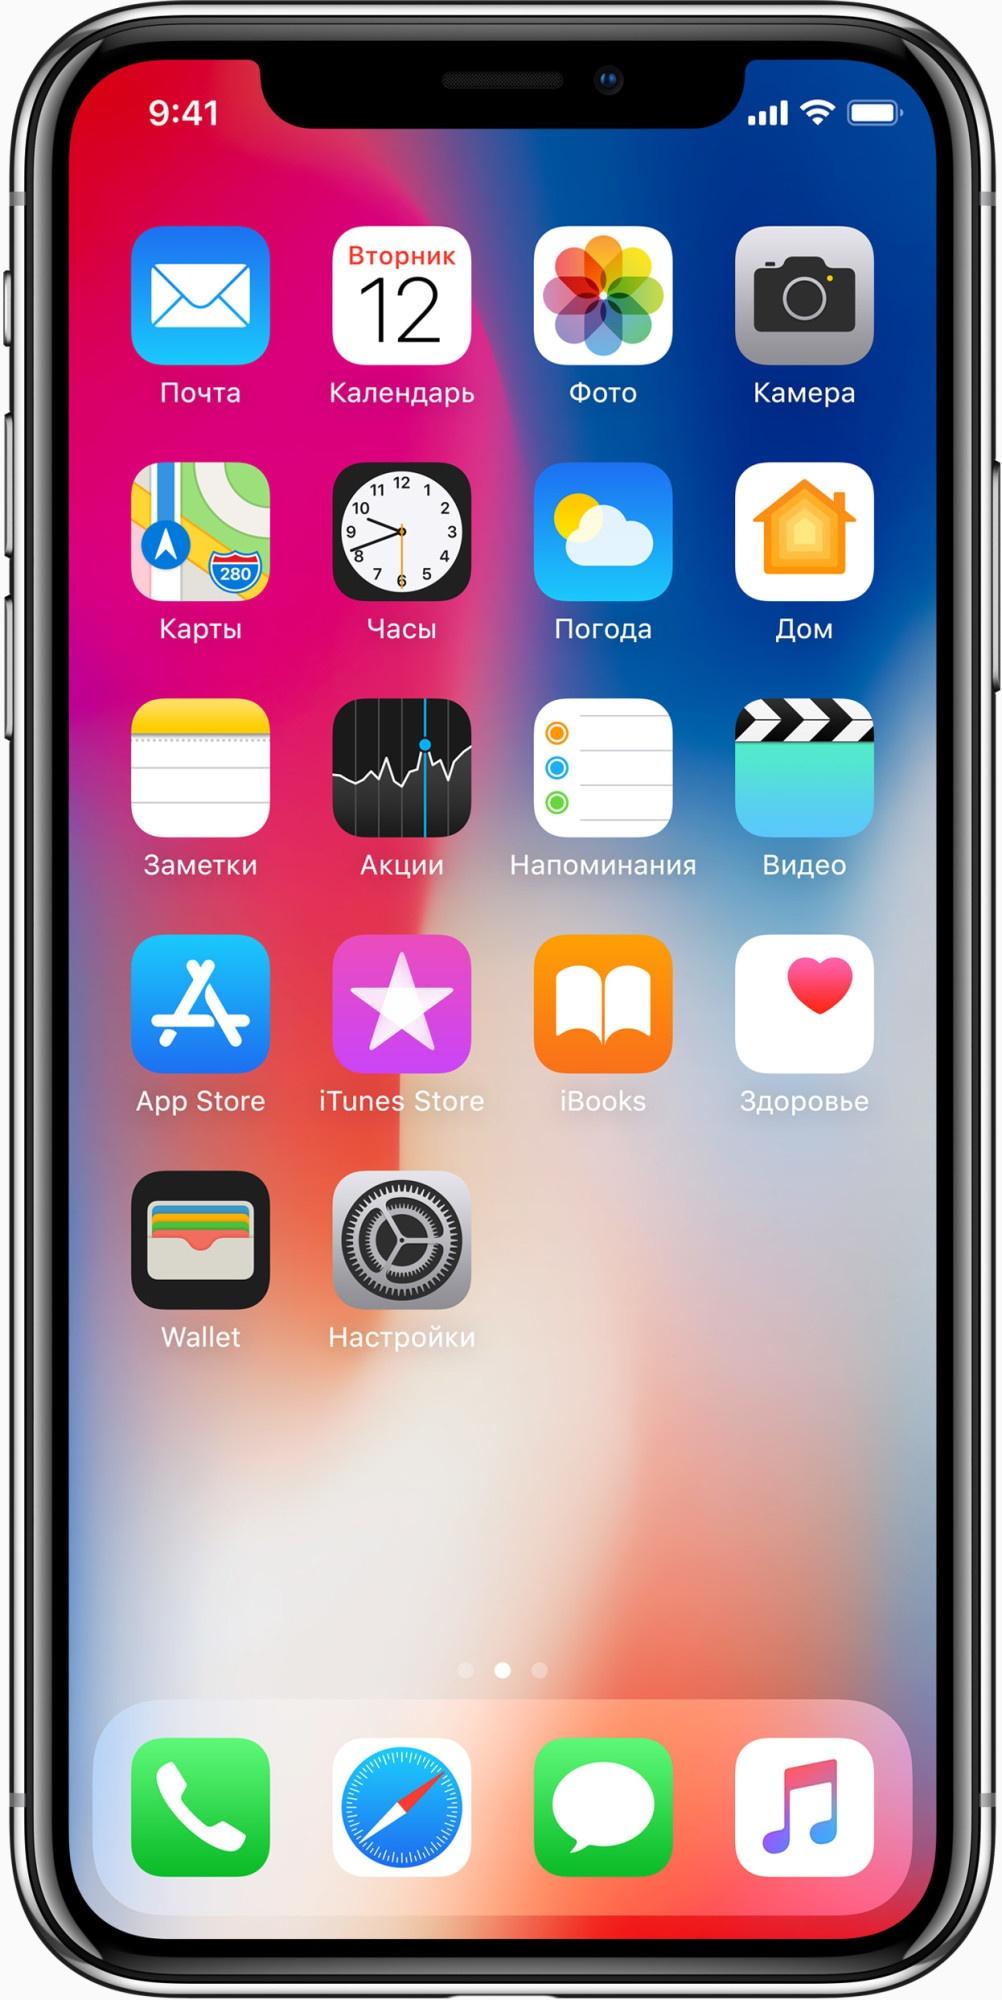 Смартфон APPLE iPhone X 64GB Space Gray (MQAC2) – купить по цене 21,999.00 грн. в eldorado.ua | imall.com